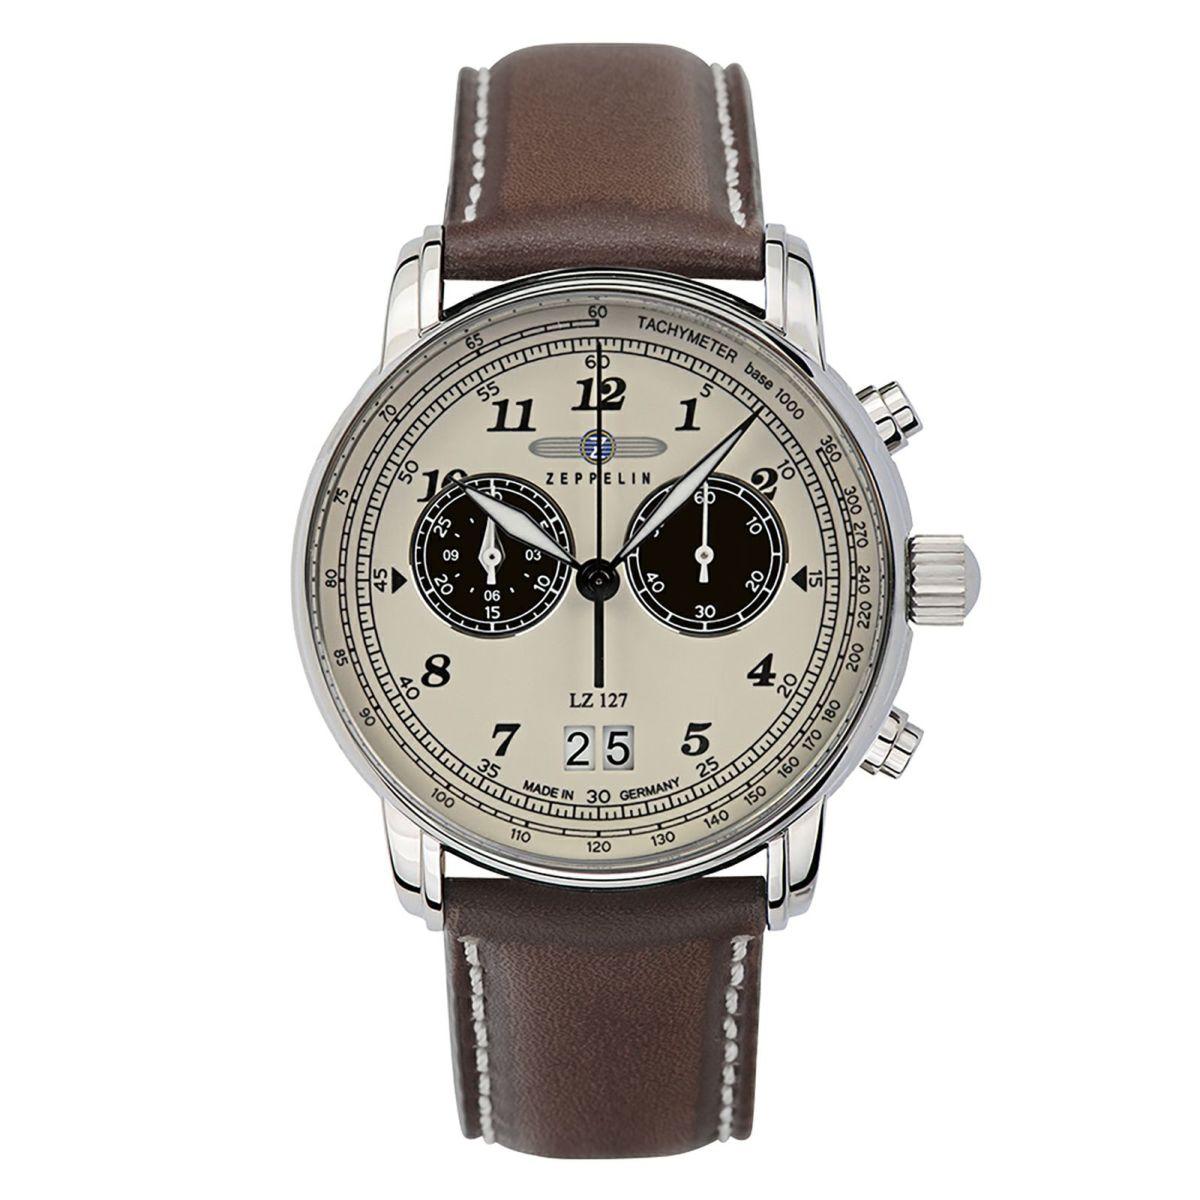 【今ならオリジナル折り畳み傘プレゼント】 ツェッペリン ZEPPELIN 8684-5 グラーフツェッペリン 正規品 腕時計